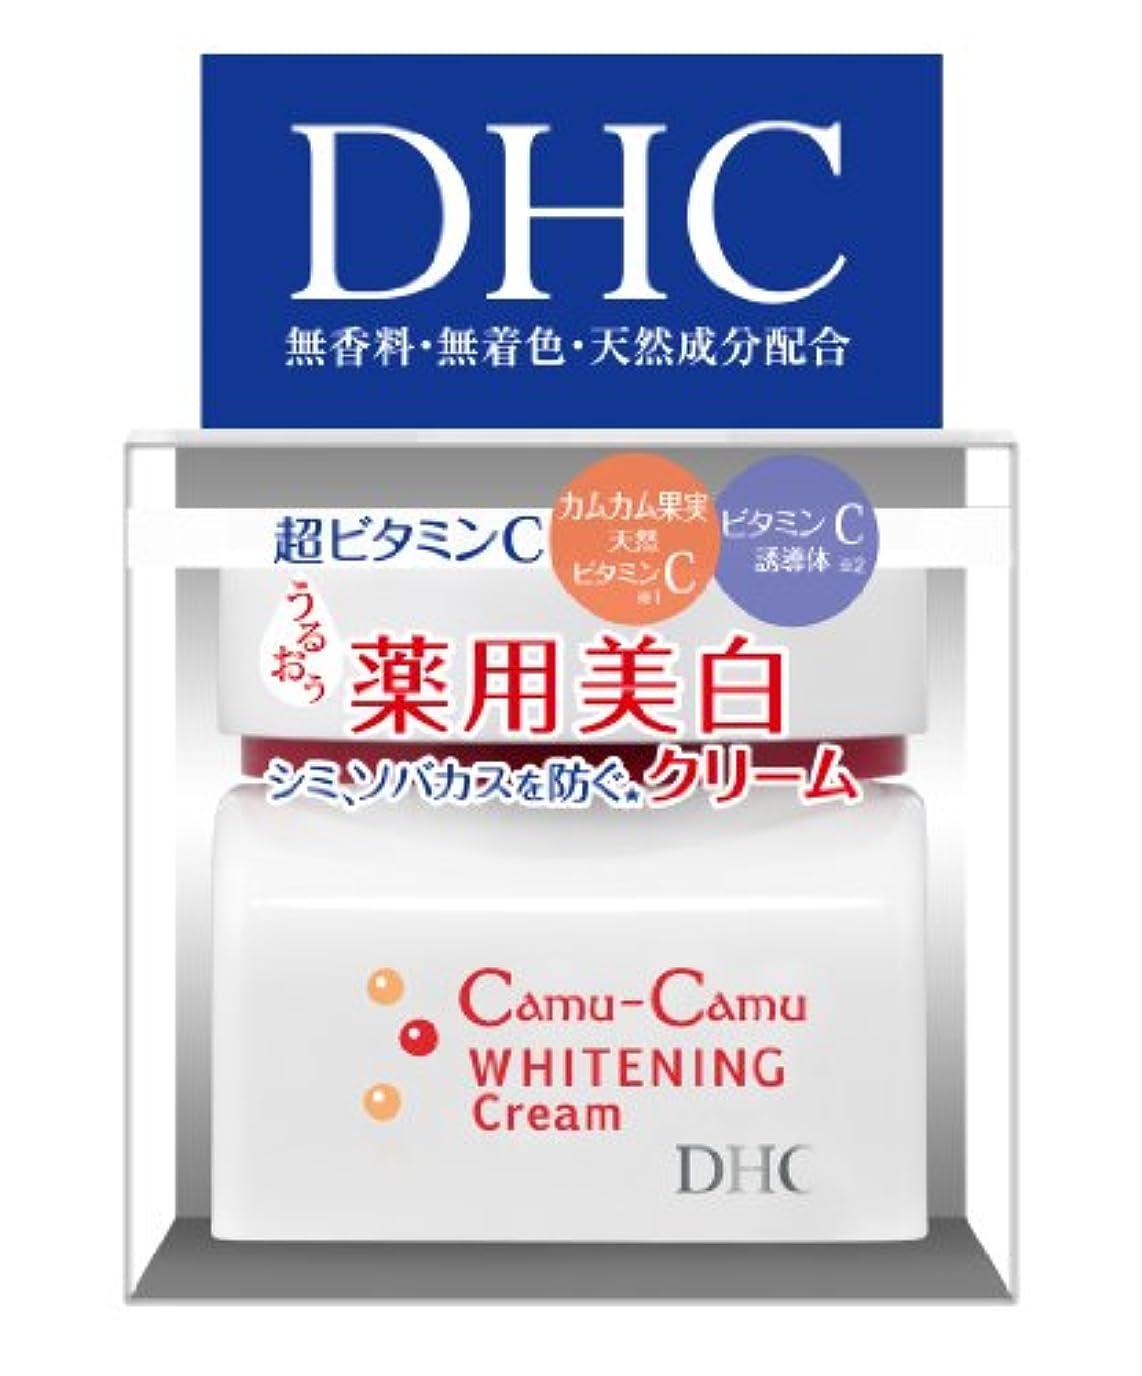 ライラックむき出し極めて重要なDHC 薬用カムCホワイトトニング クリーム (SS) 30g